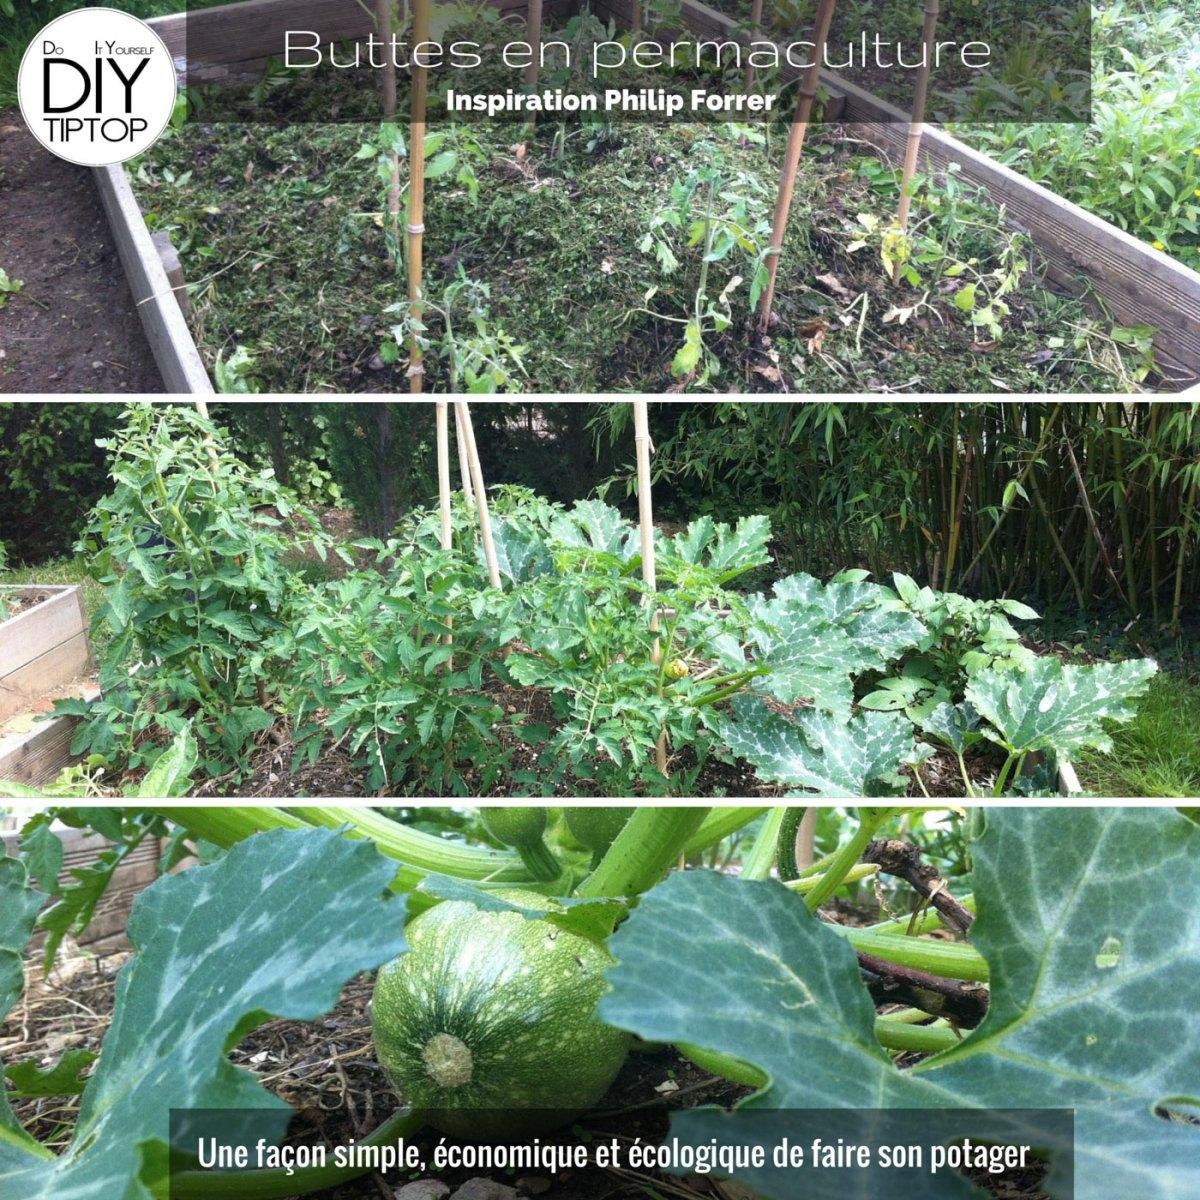 Diy un potager bio sur ma terrasse et dans le jardin for Jardin cultural uabc 2015